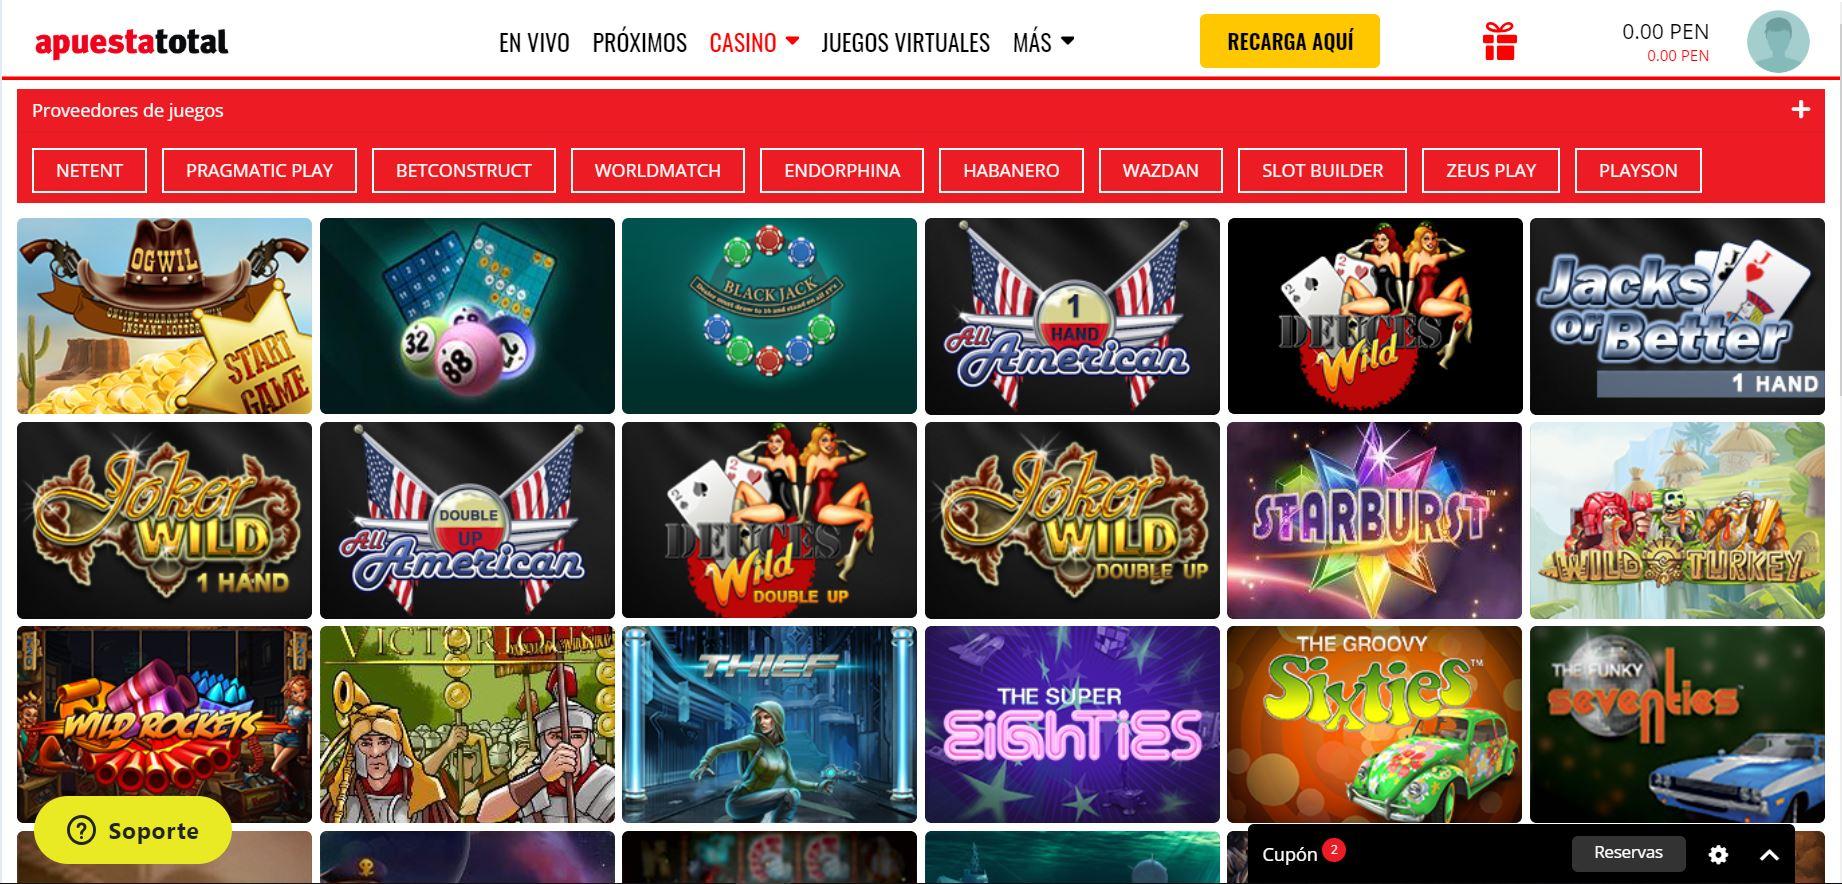 apuesta total casino online